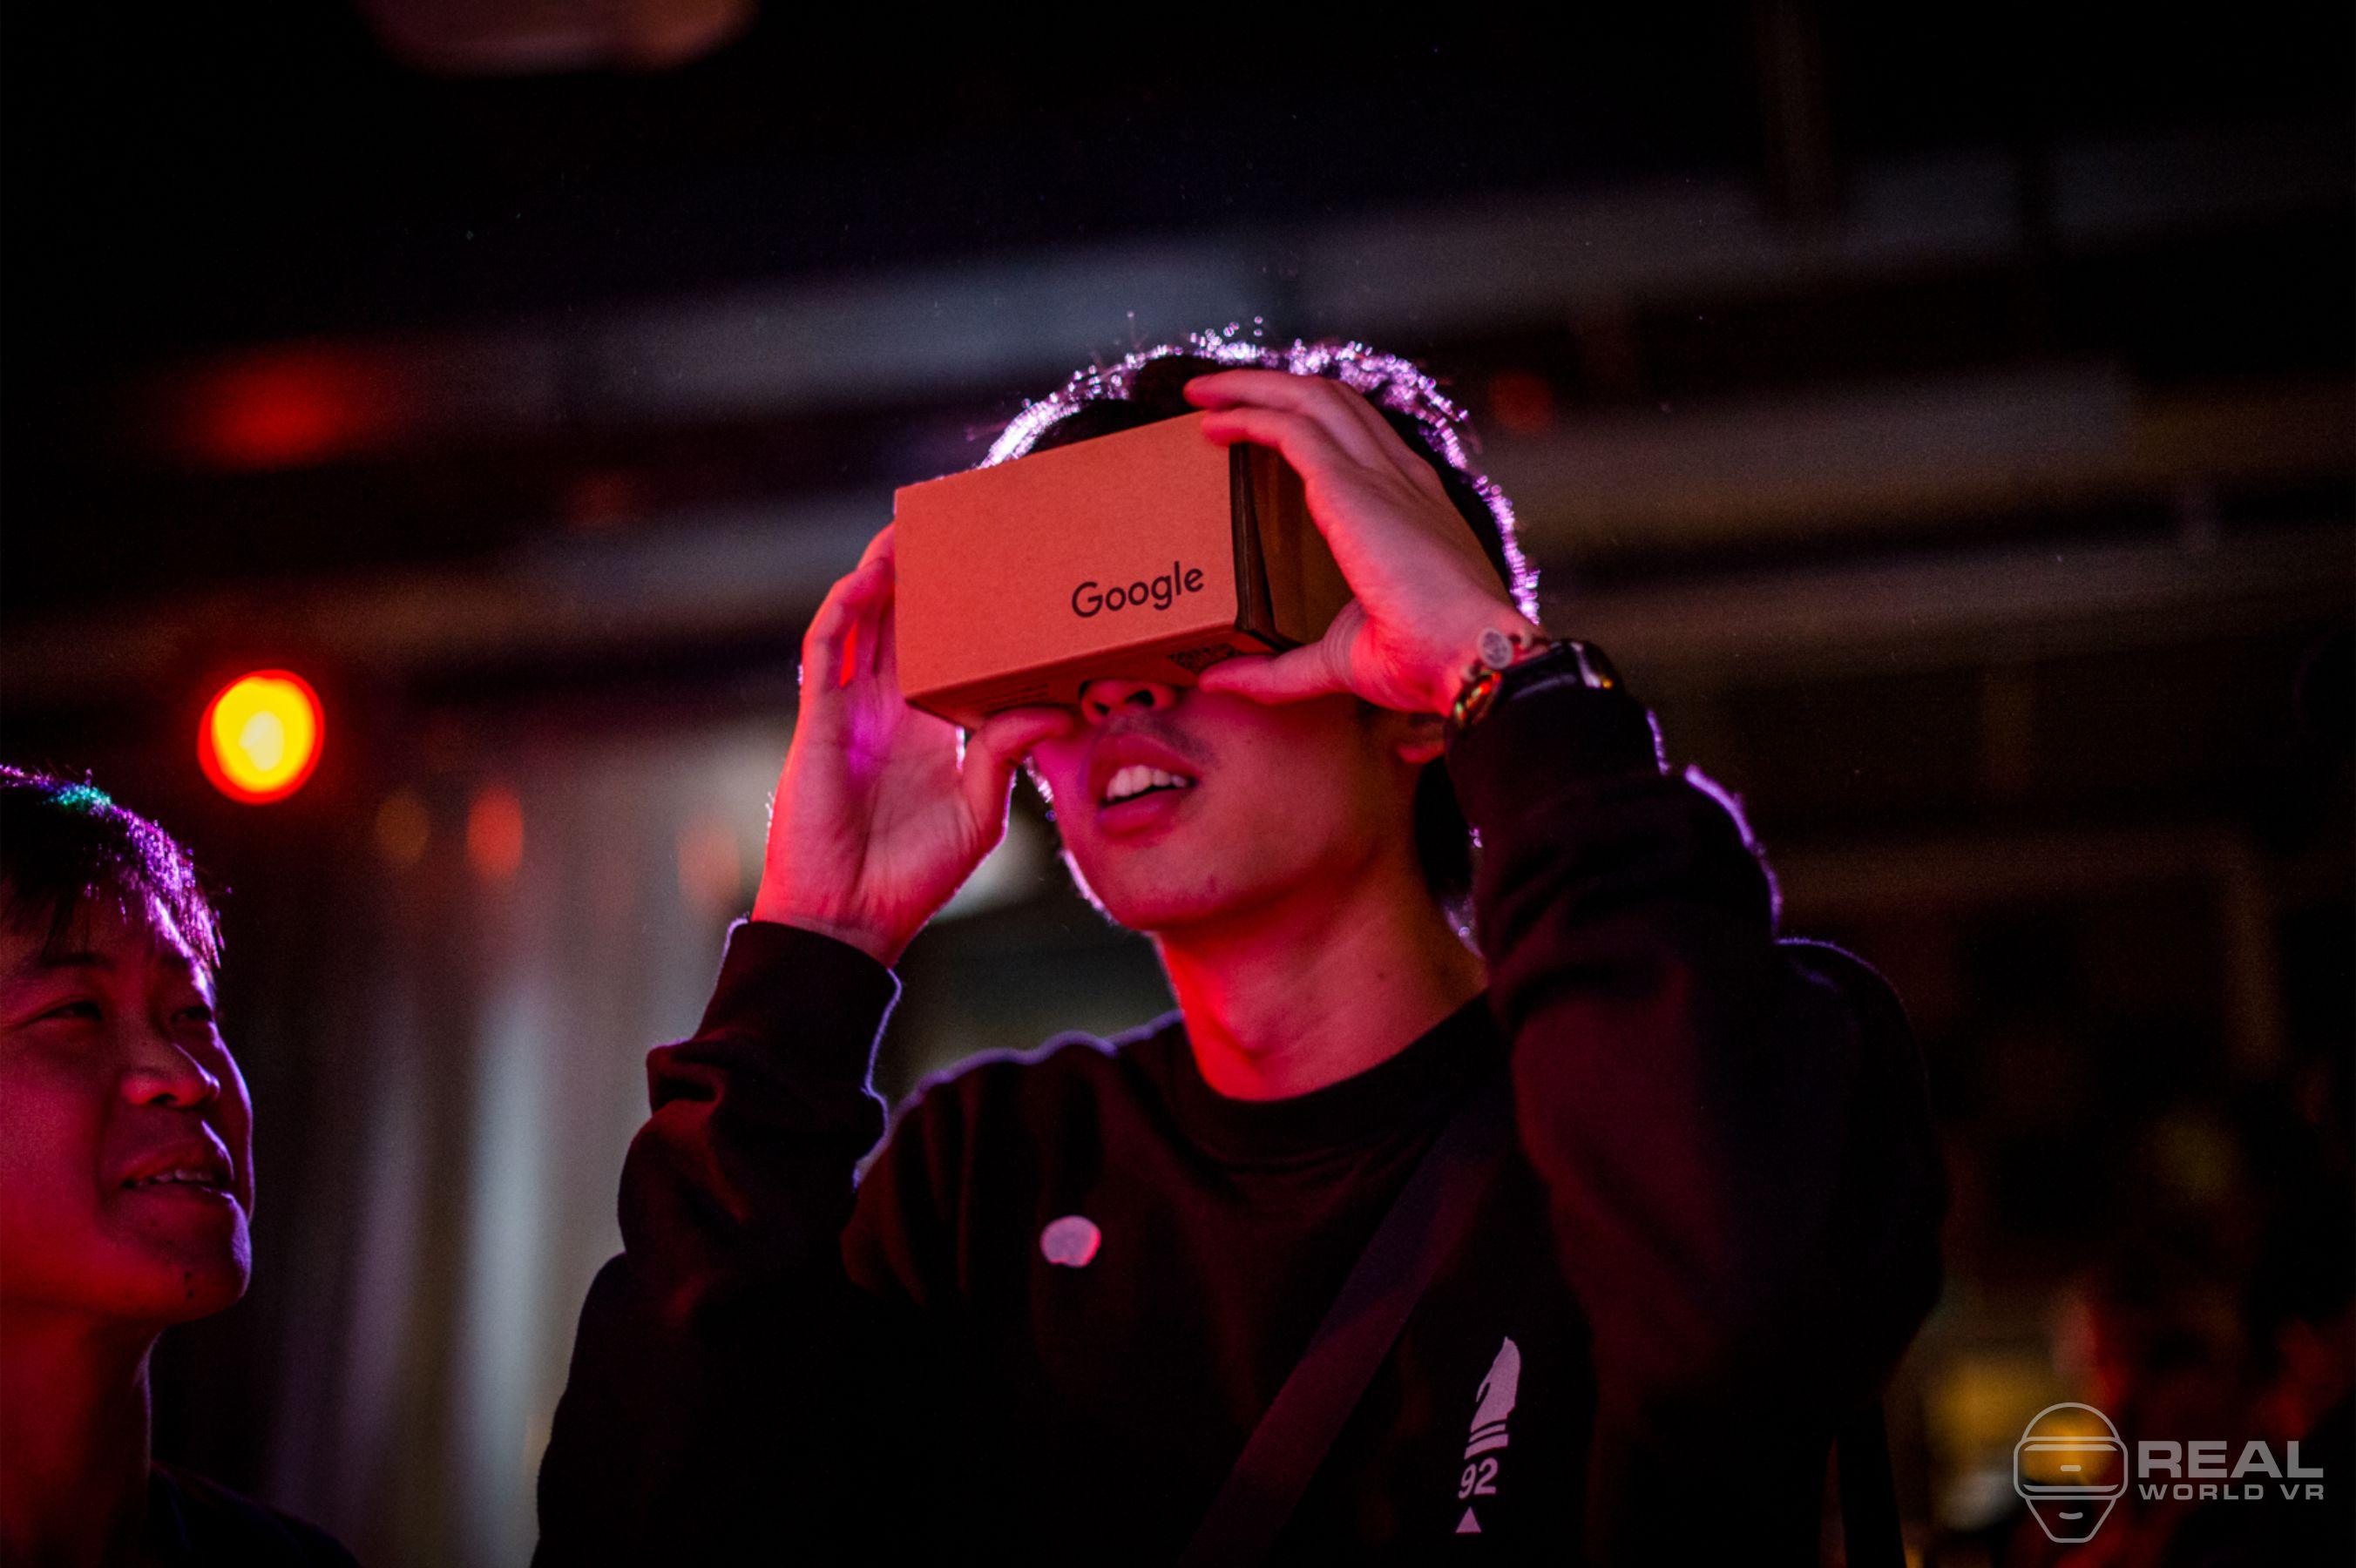 Real World VR Event Loop Google Cardboard VR Forum